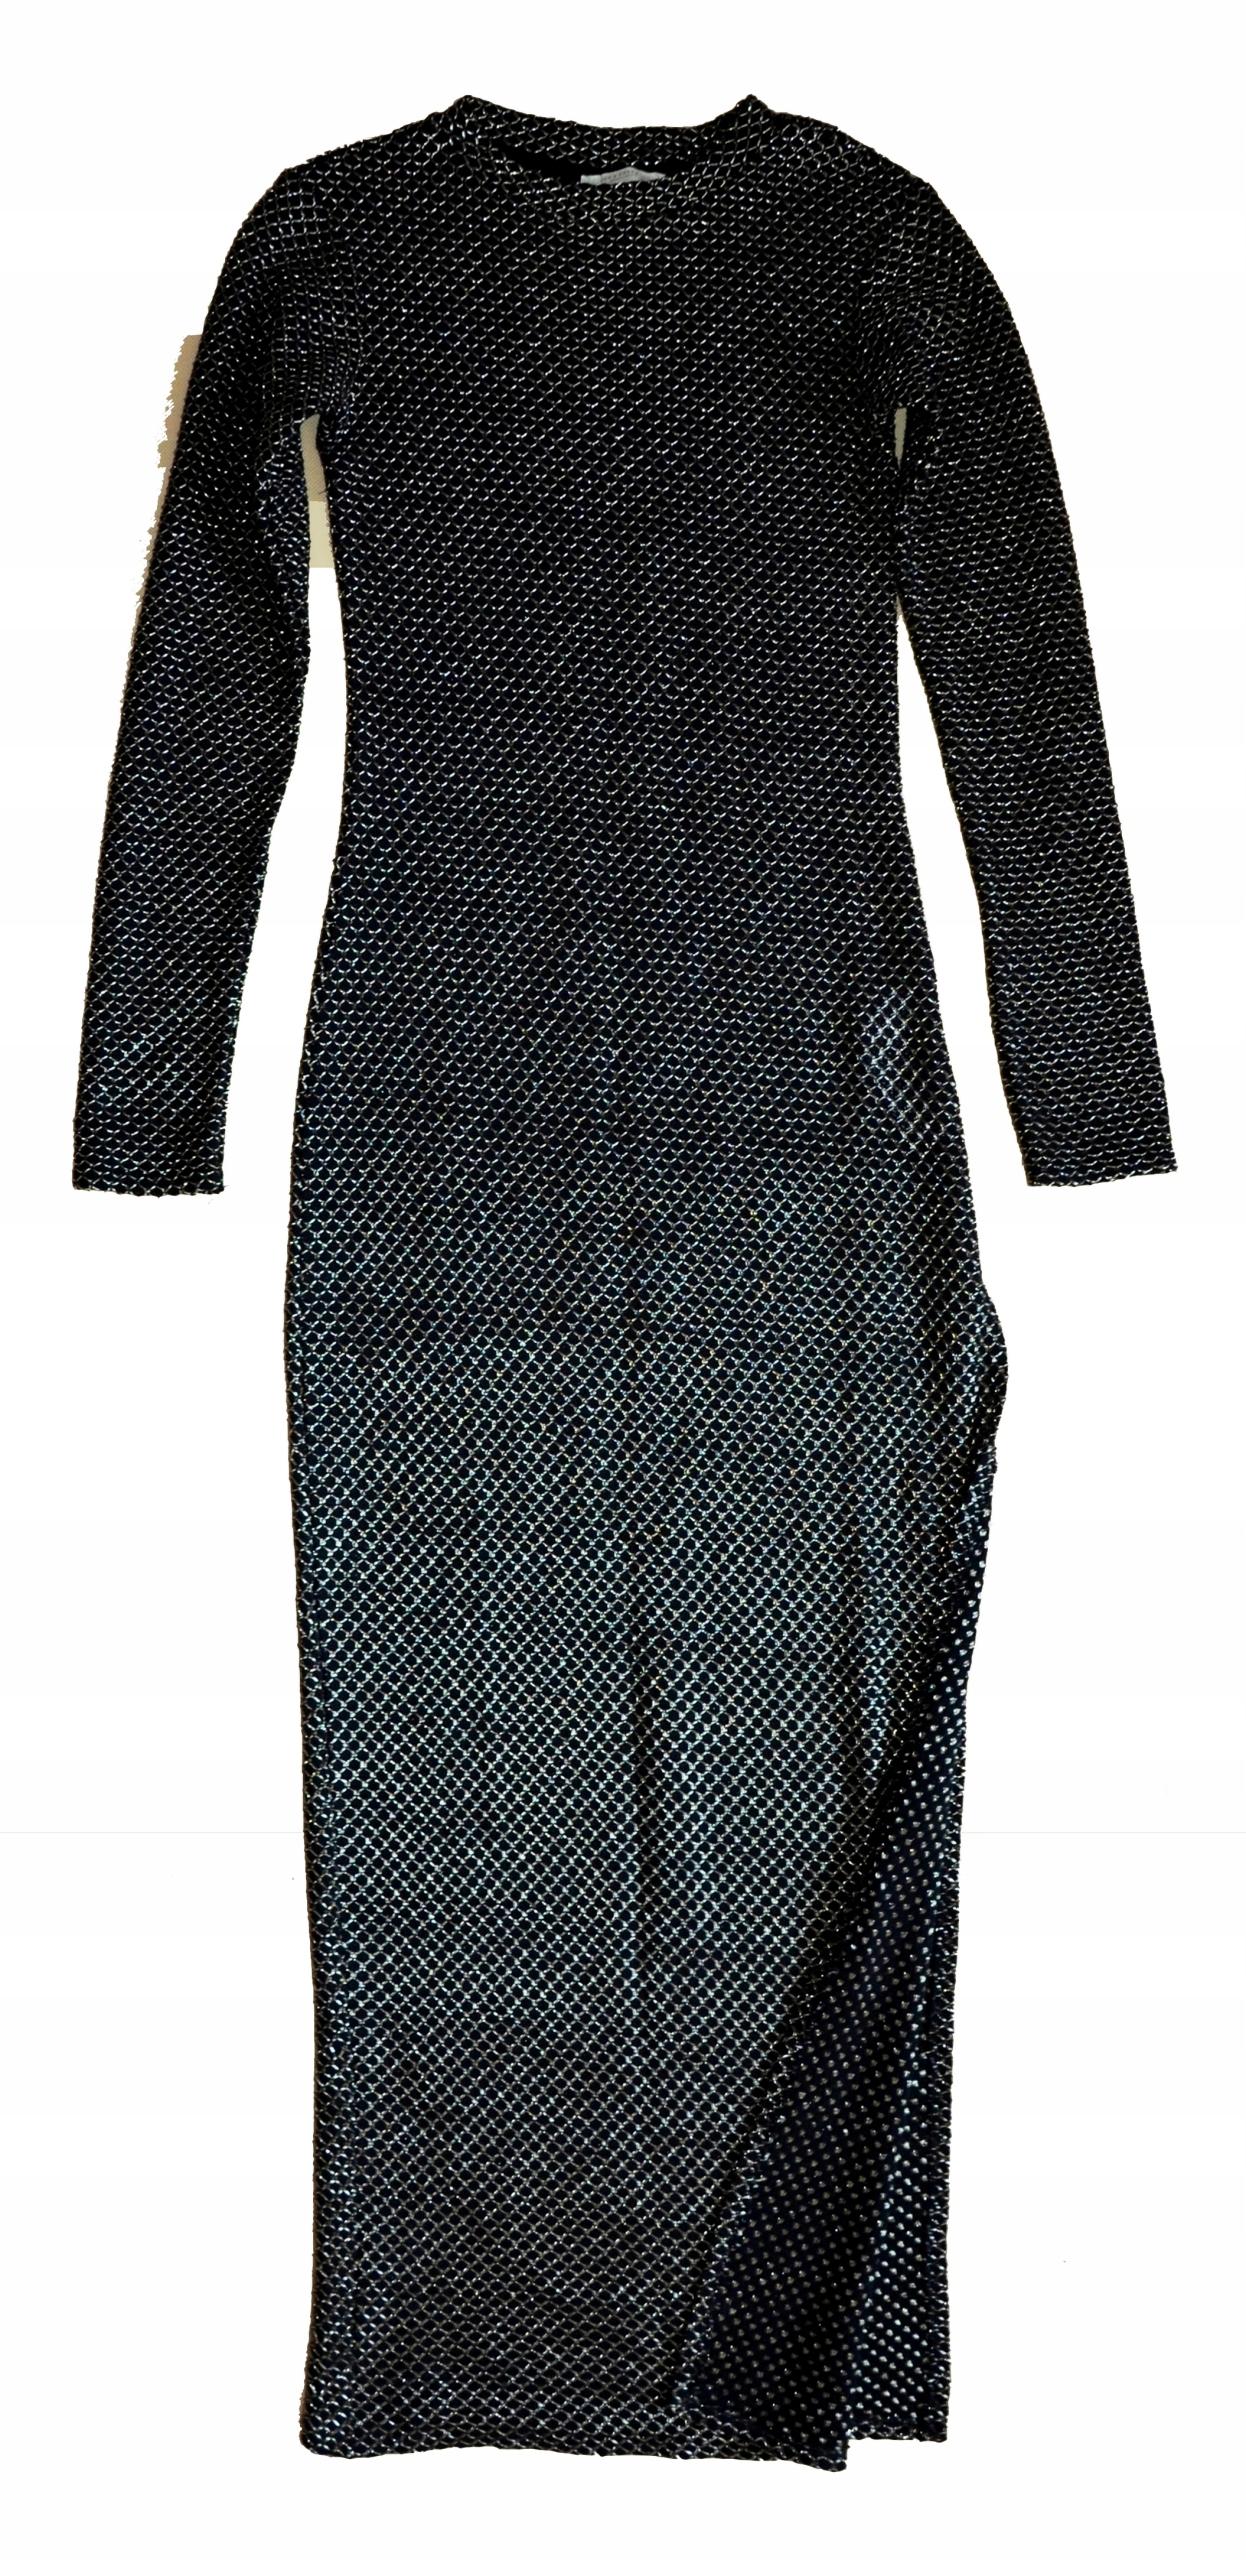 c49fee2316 ZARA czarno-złota wieczorowa sukienka rozmiar S - 7679184544 ...